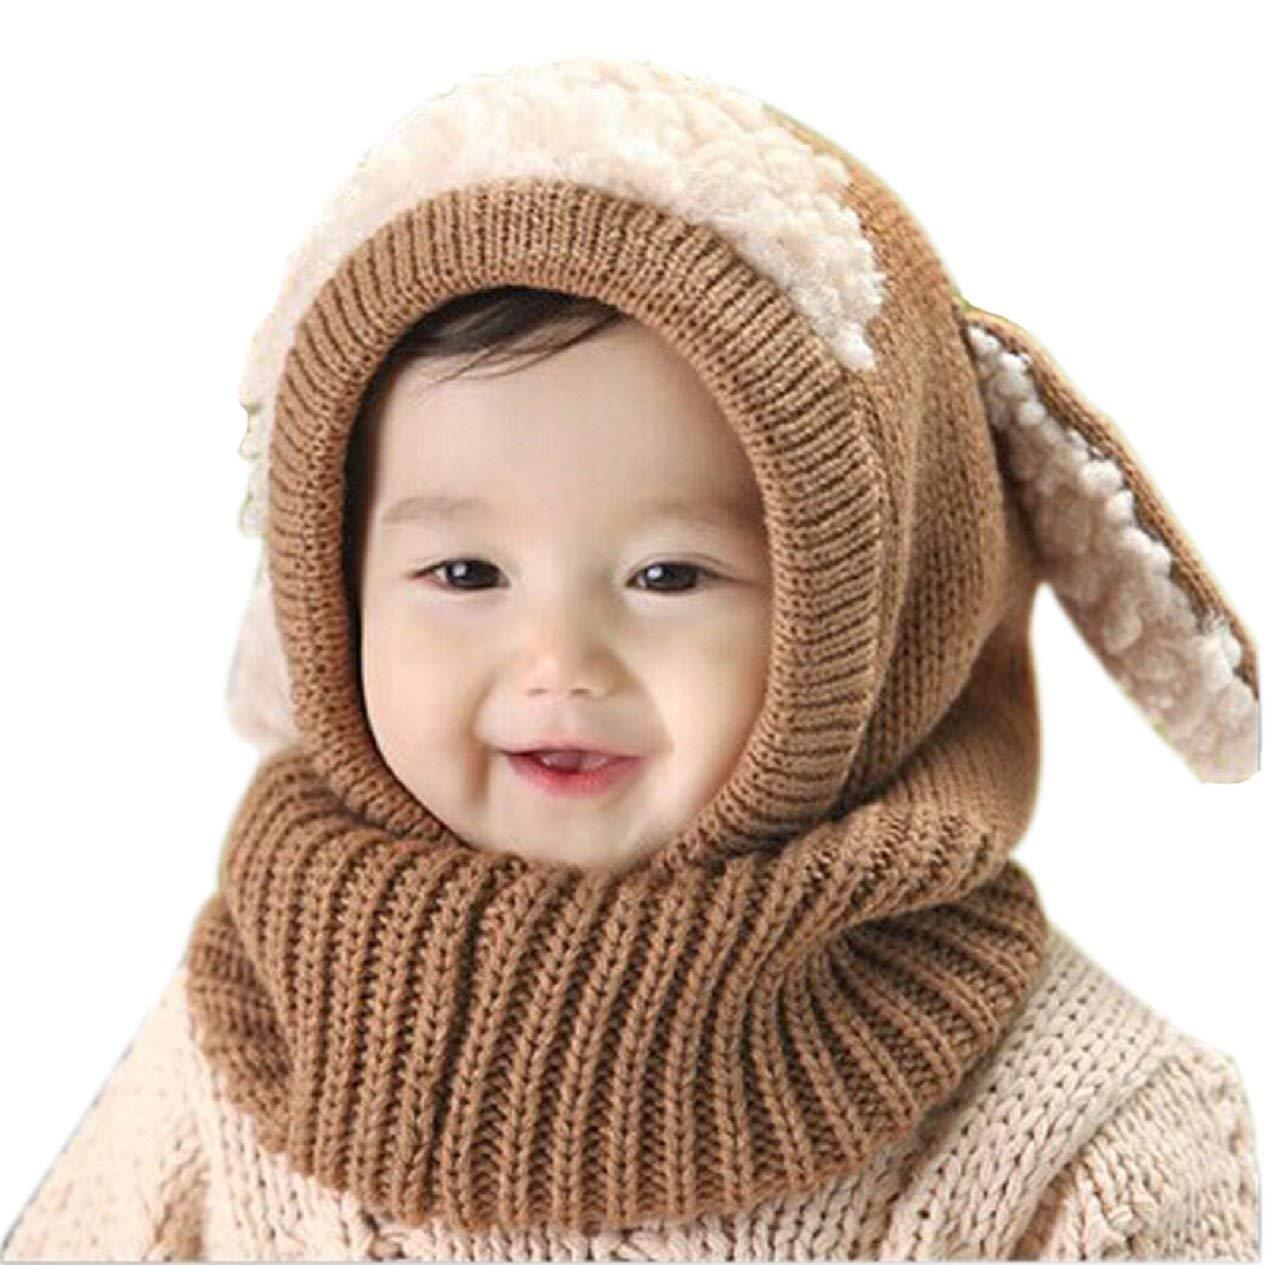 GUIGSI Inverno del bambino delle ragazze dei capretti dei ragazzi di lana caldo Coif Hood sciarpa ricopre i cappelli